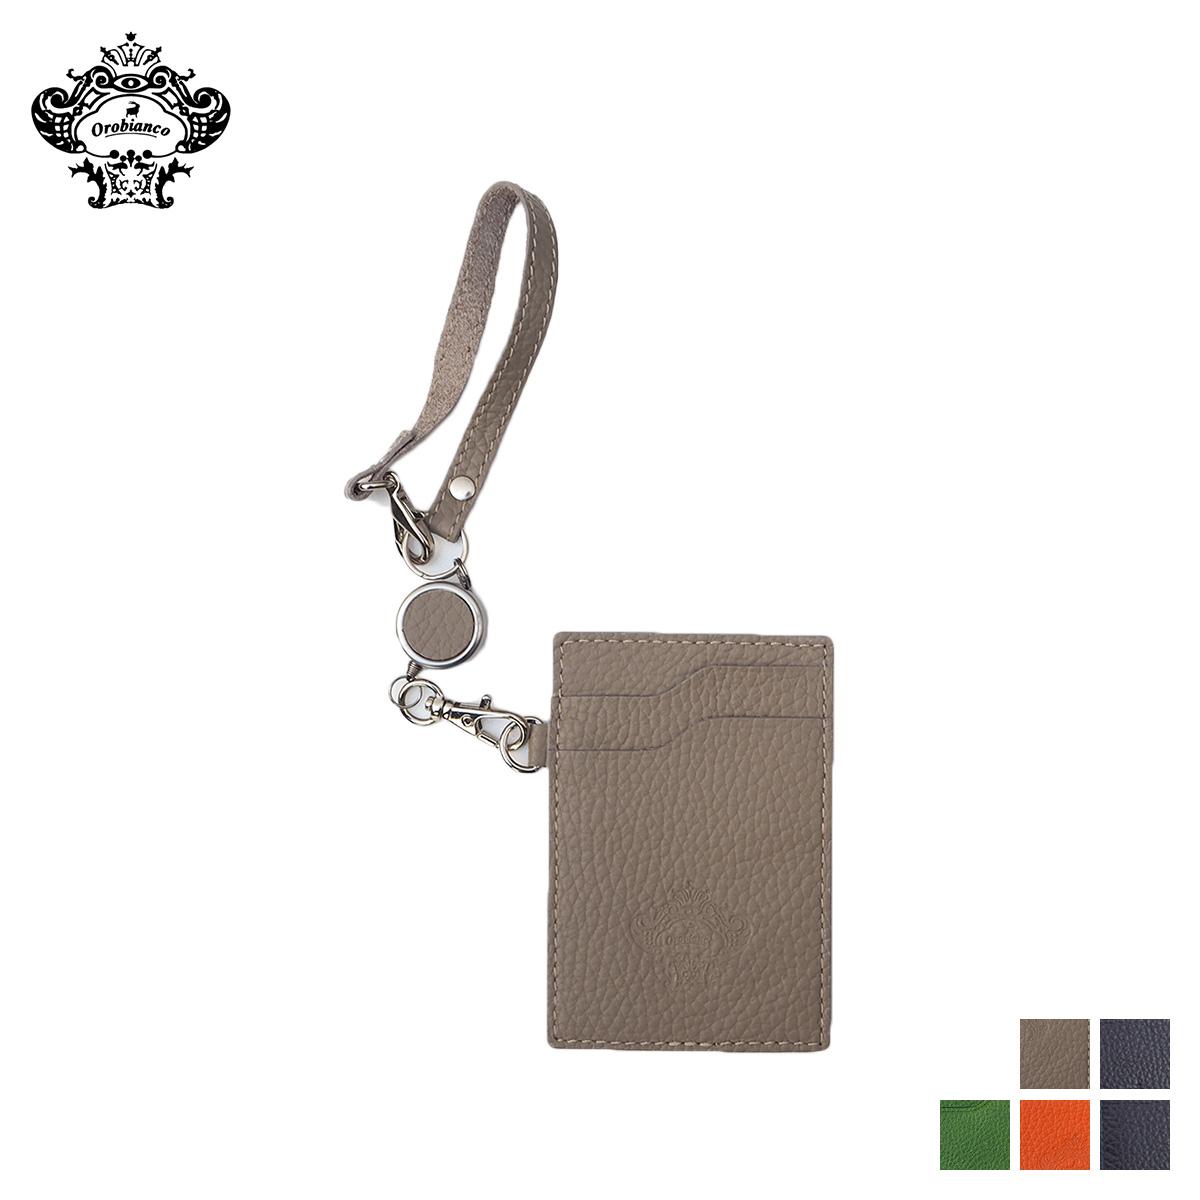 オロビアンコ Orobianco パスケース カードケース ID 定期入れ リールホルダー メンズ レディース REEL HOLDER レザー グレー ネイビー グリーン オレンジ ORHO-002